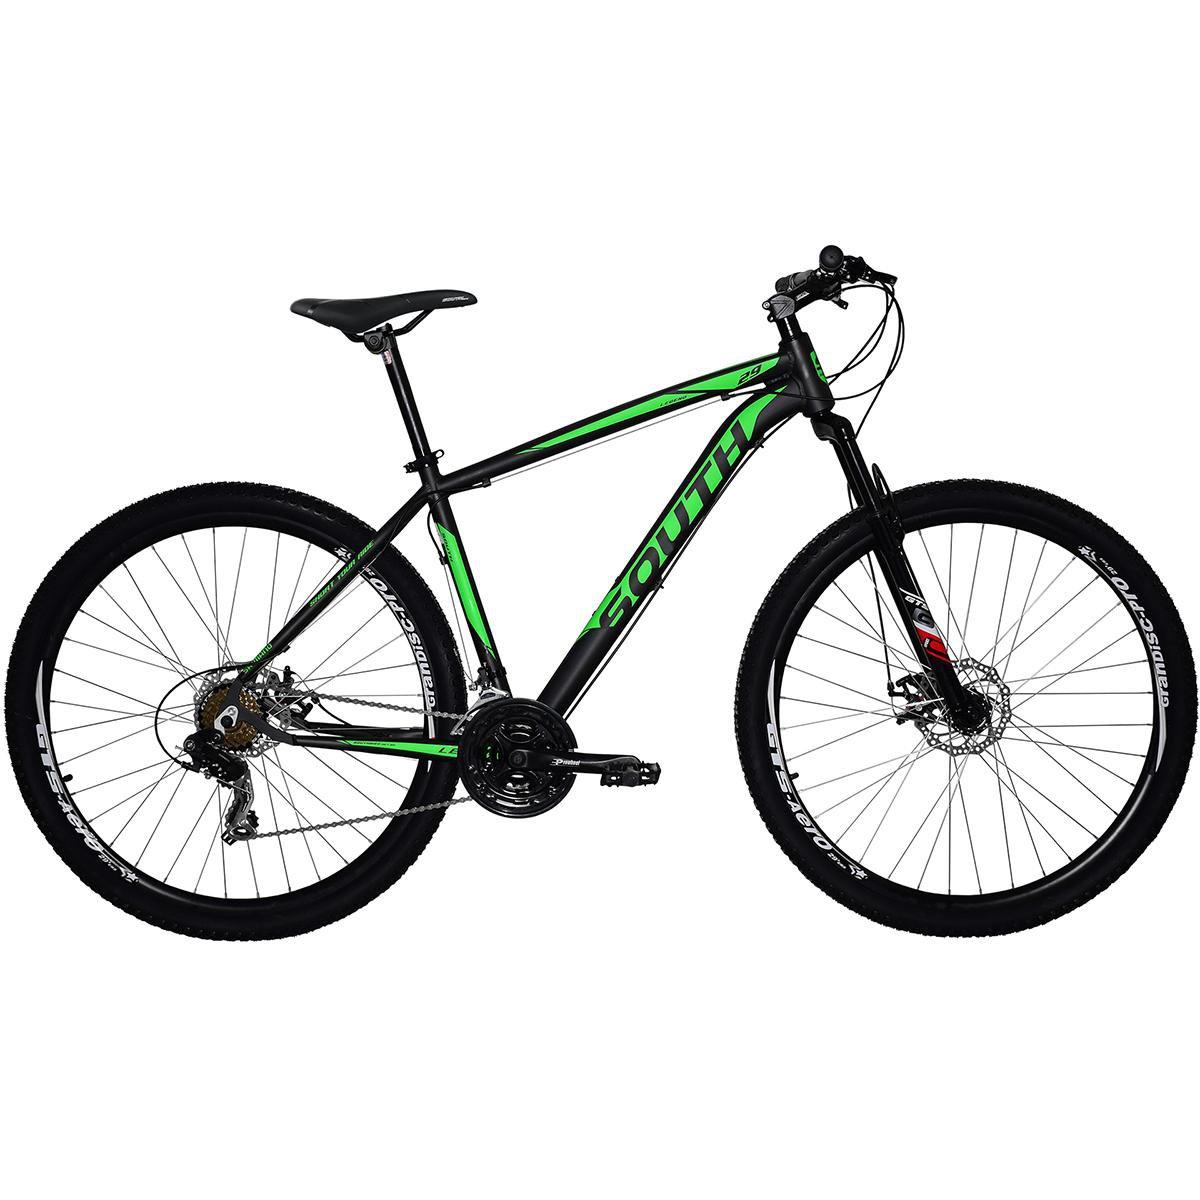 952d678ee Bicicleta South Legend 2017 - aro 29 - alumínio - freio a disco - câmbio  shimano